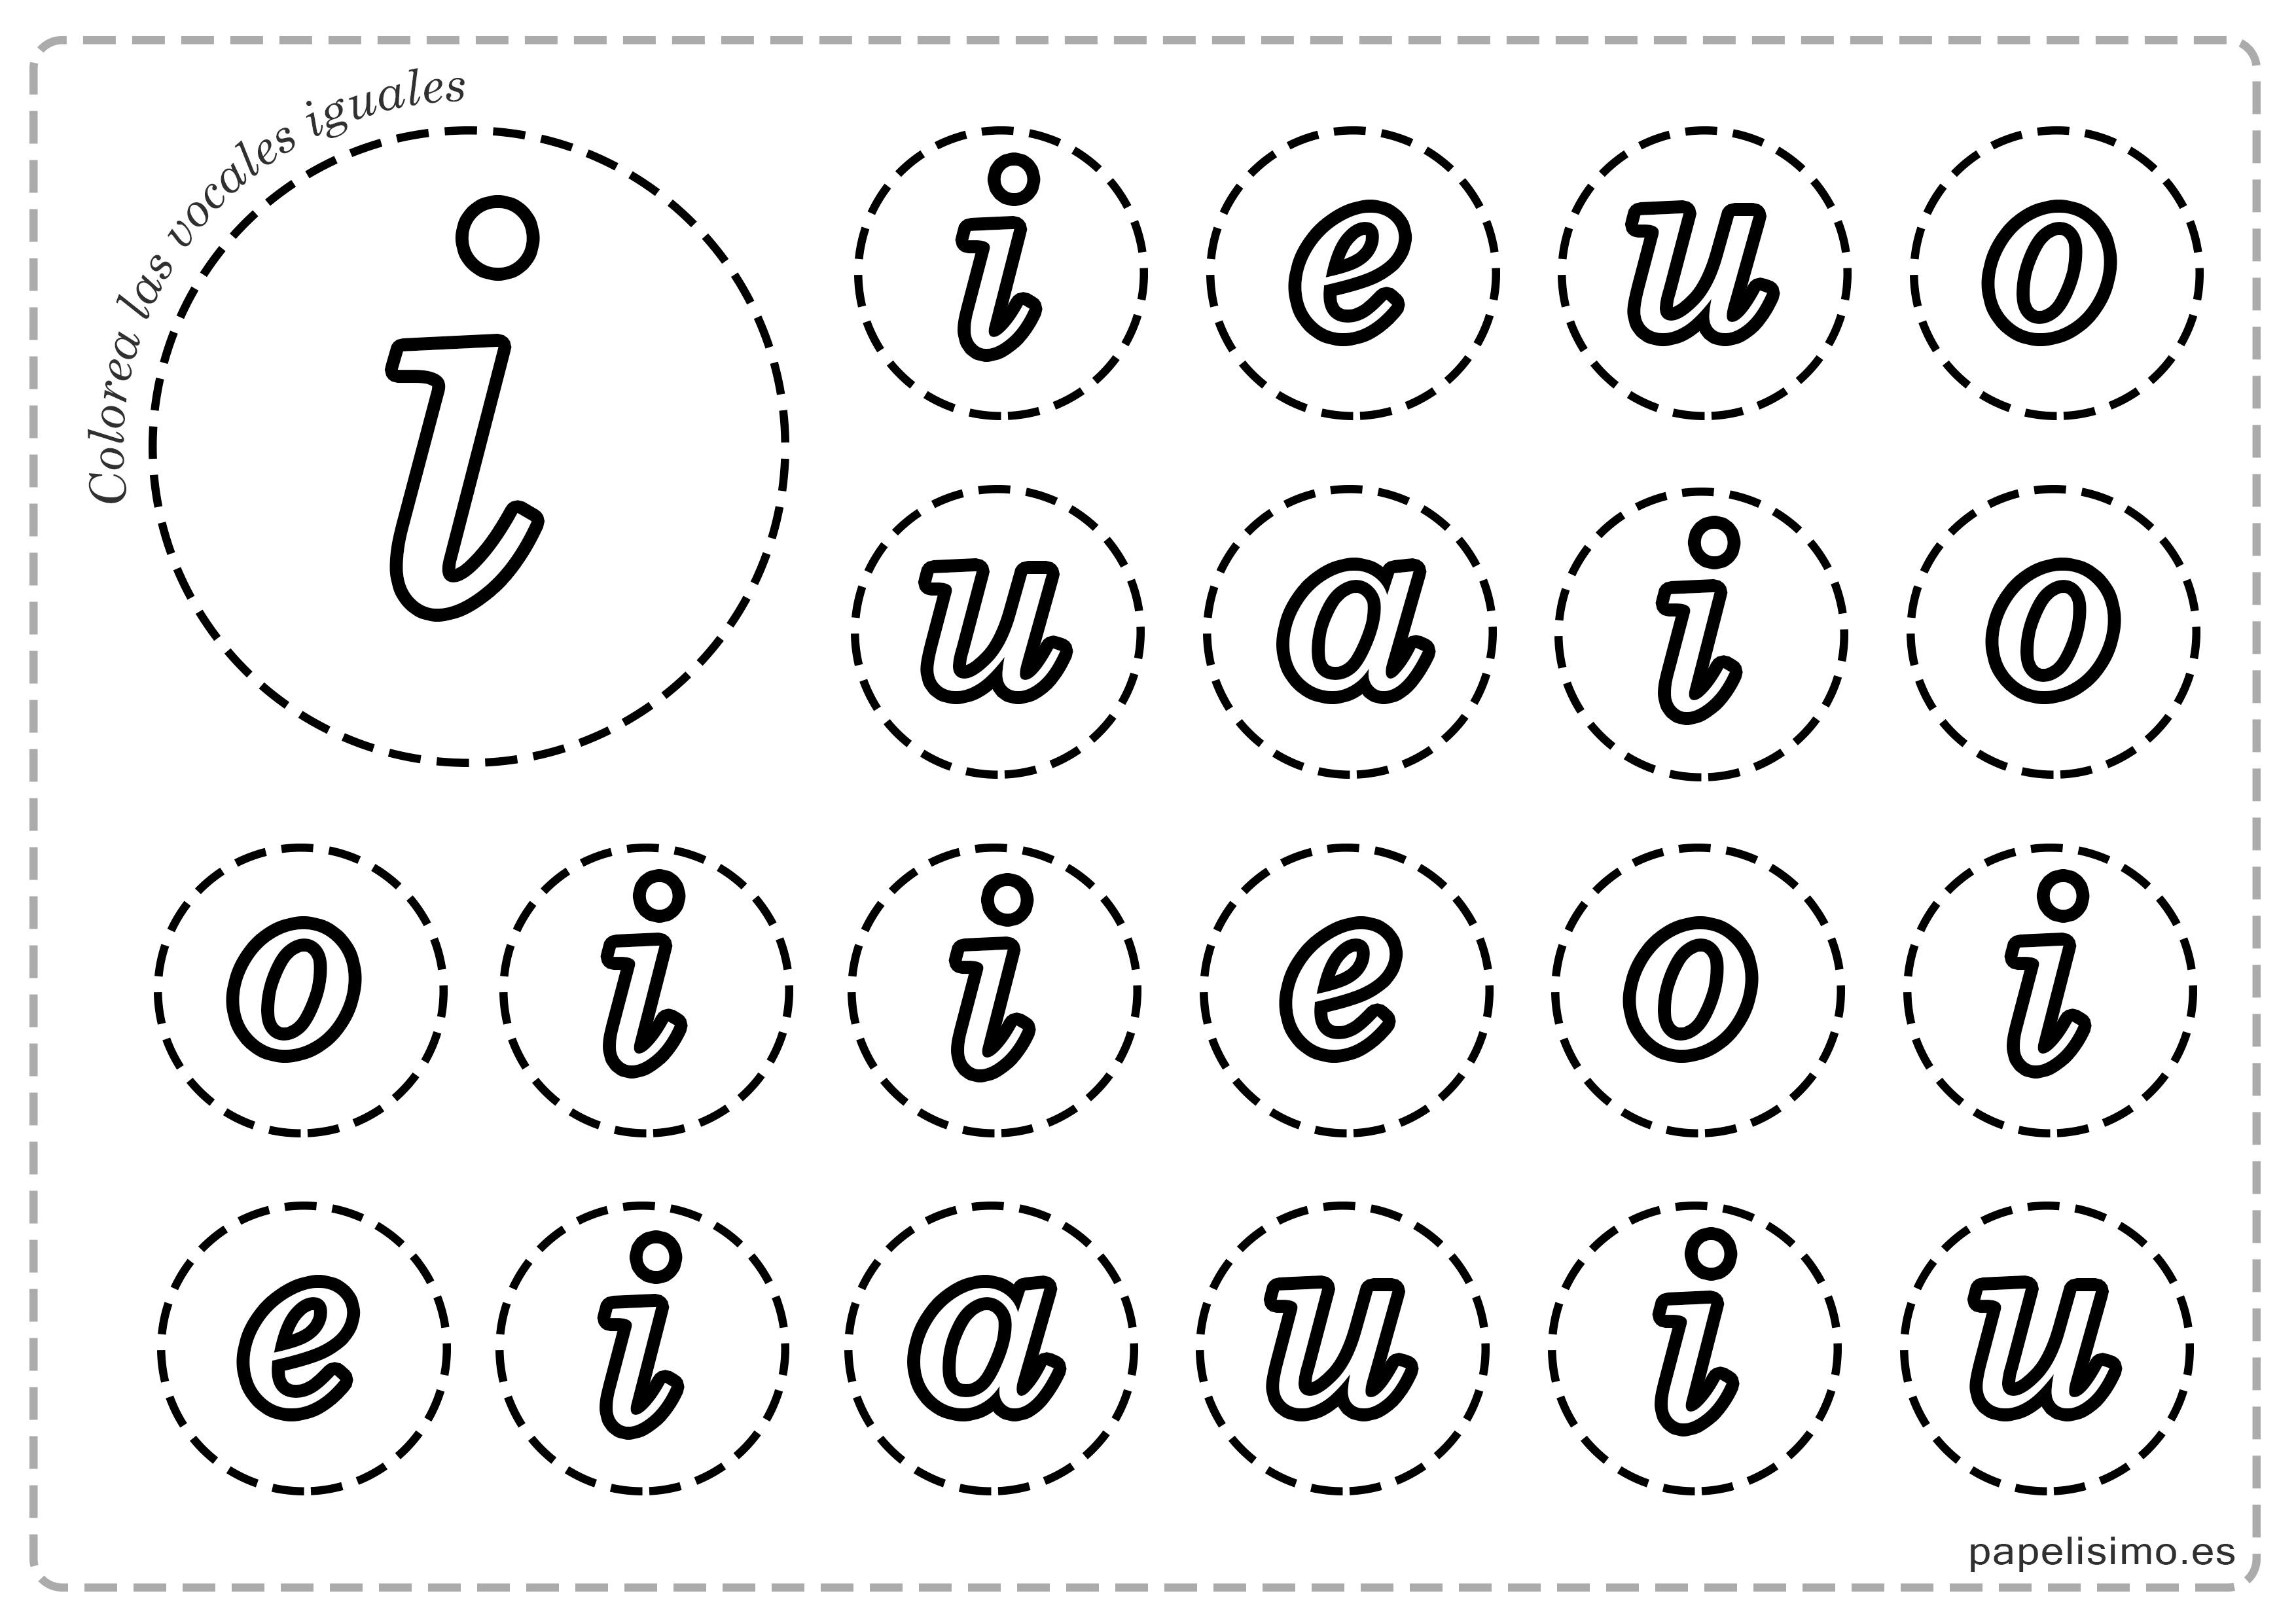 Vocales para imprimir y colorear maysculas y minsculas